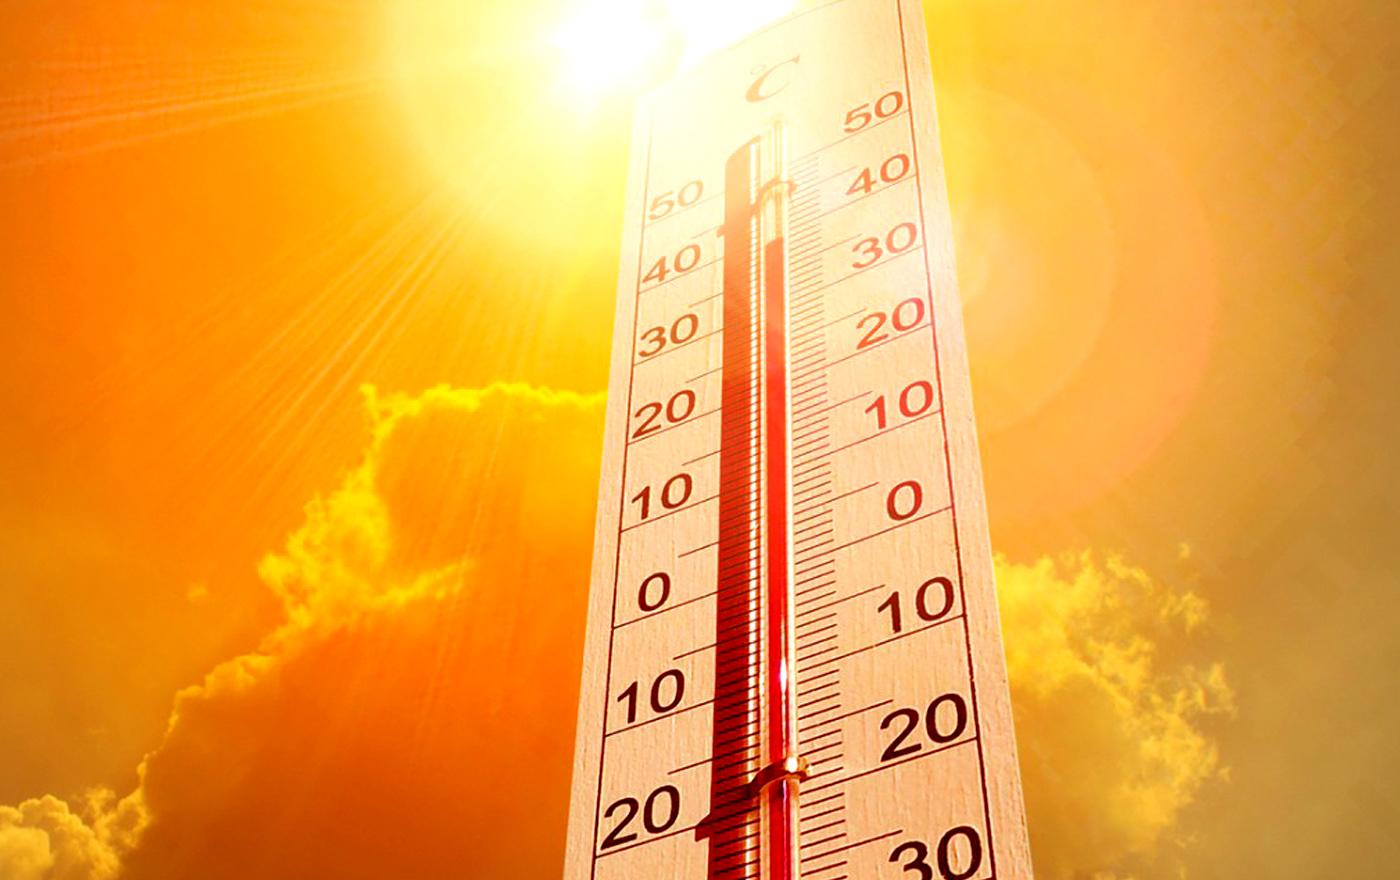 شدت گرمای هوا تا هفته اینده در خراسان رضوی